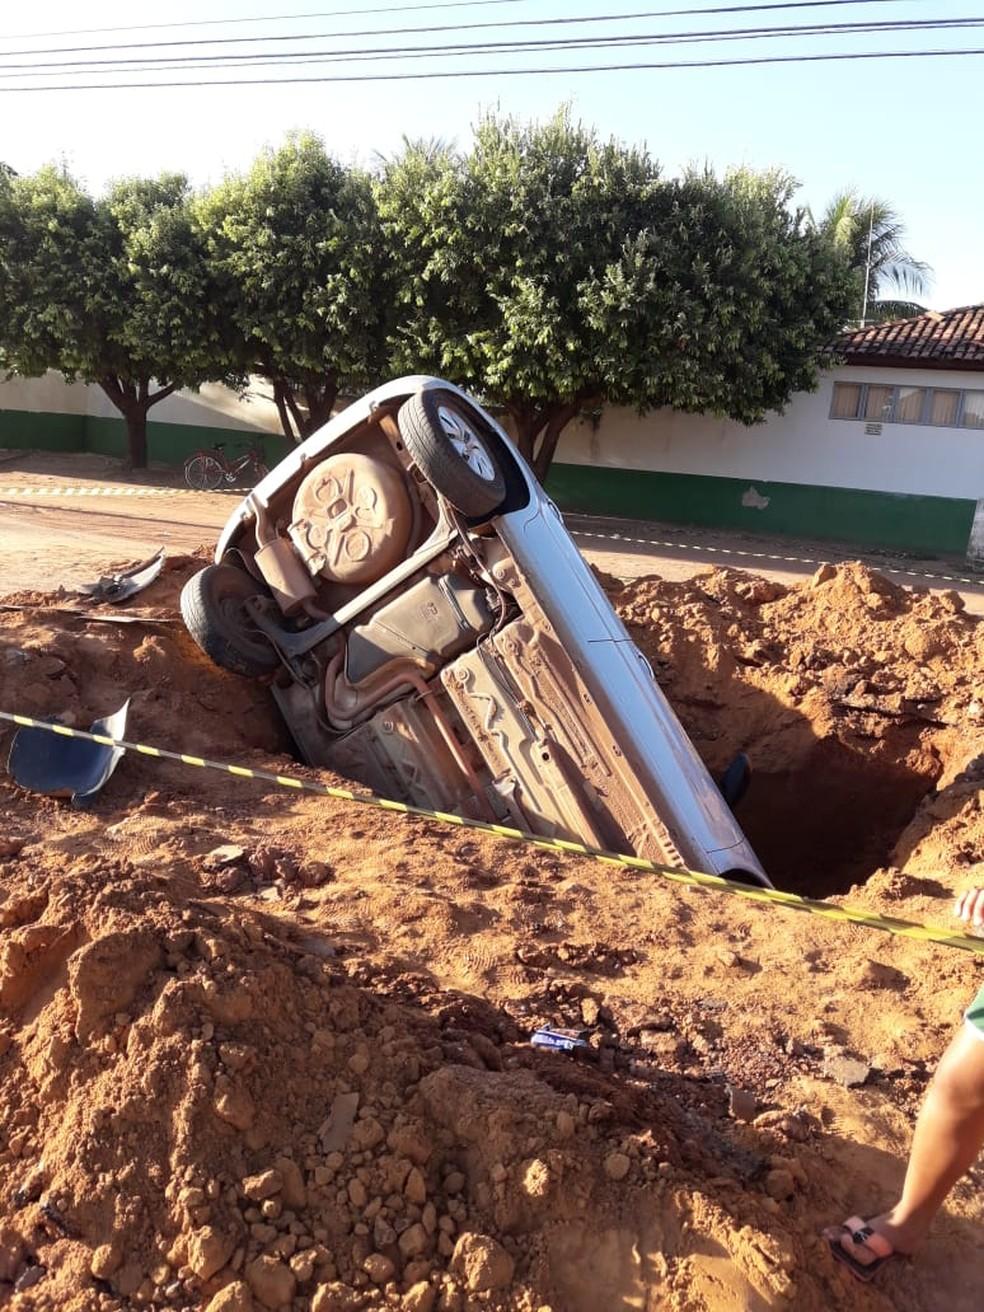 Motorista caiu com o carro em buraco em Cáceres; ele não ficou ferido (Foto: Edilson Gomes de Souza/Arquivo pessoal)